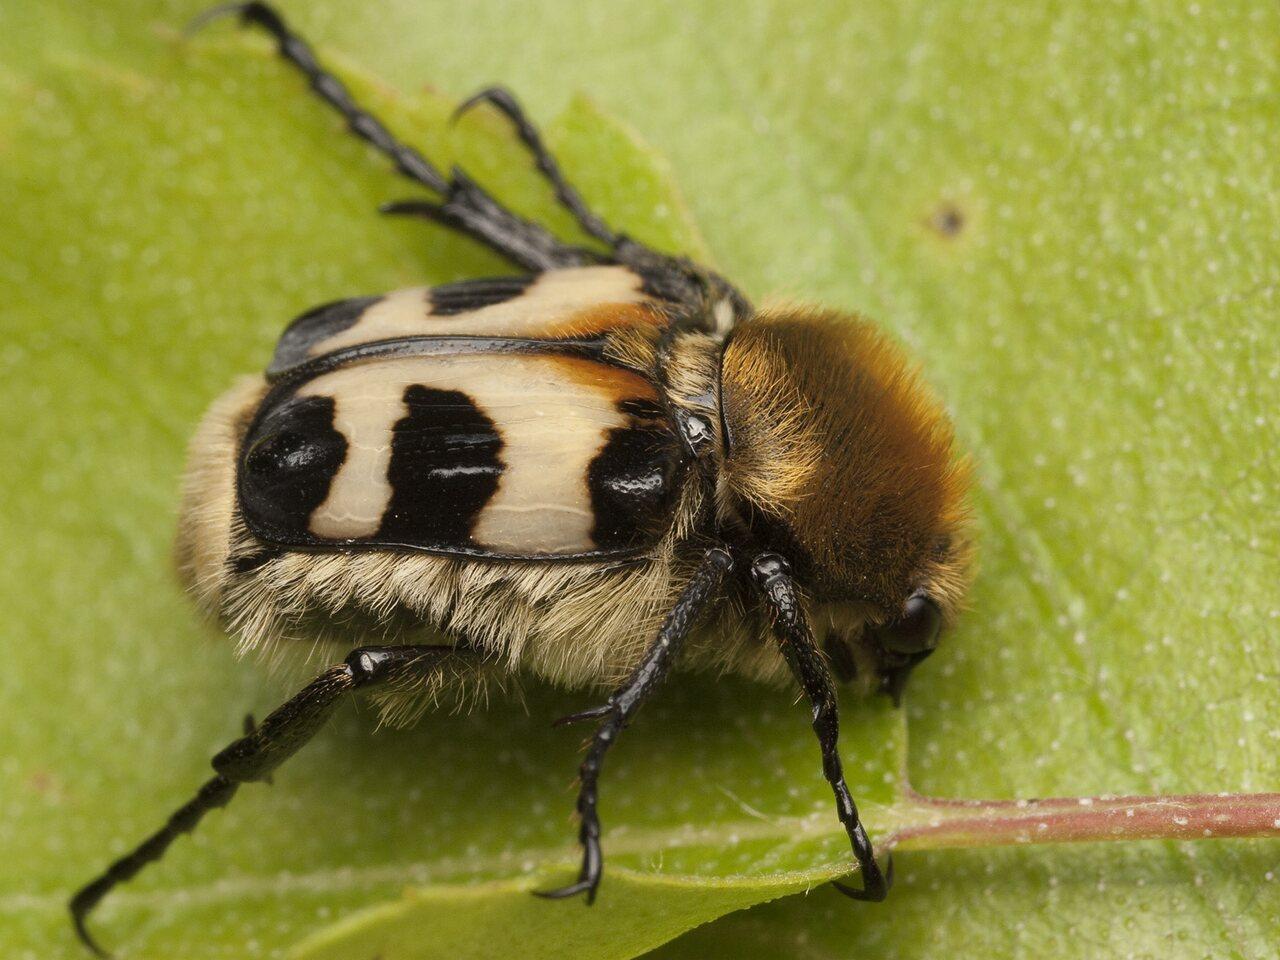 Trichius-fasciatus-0797.jpg